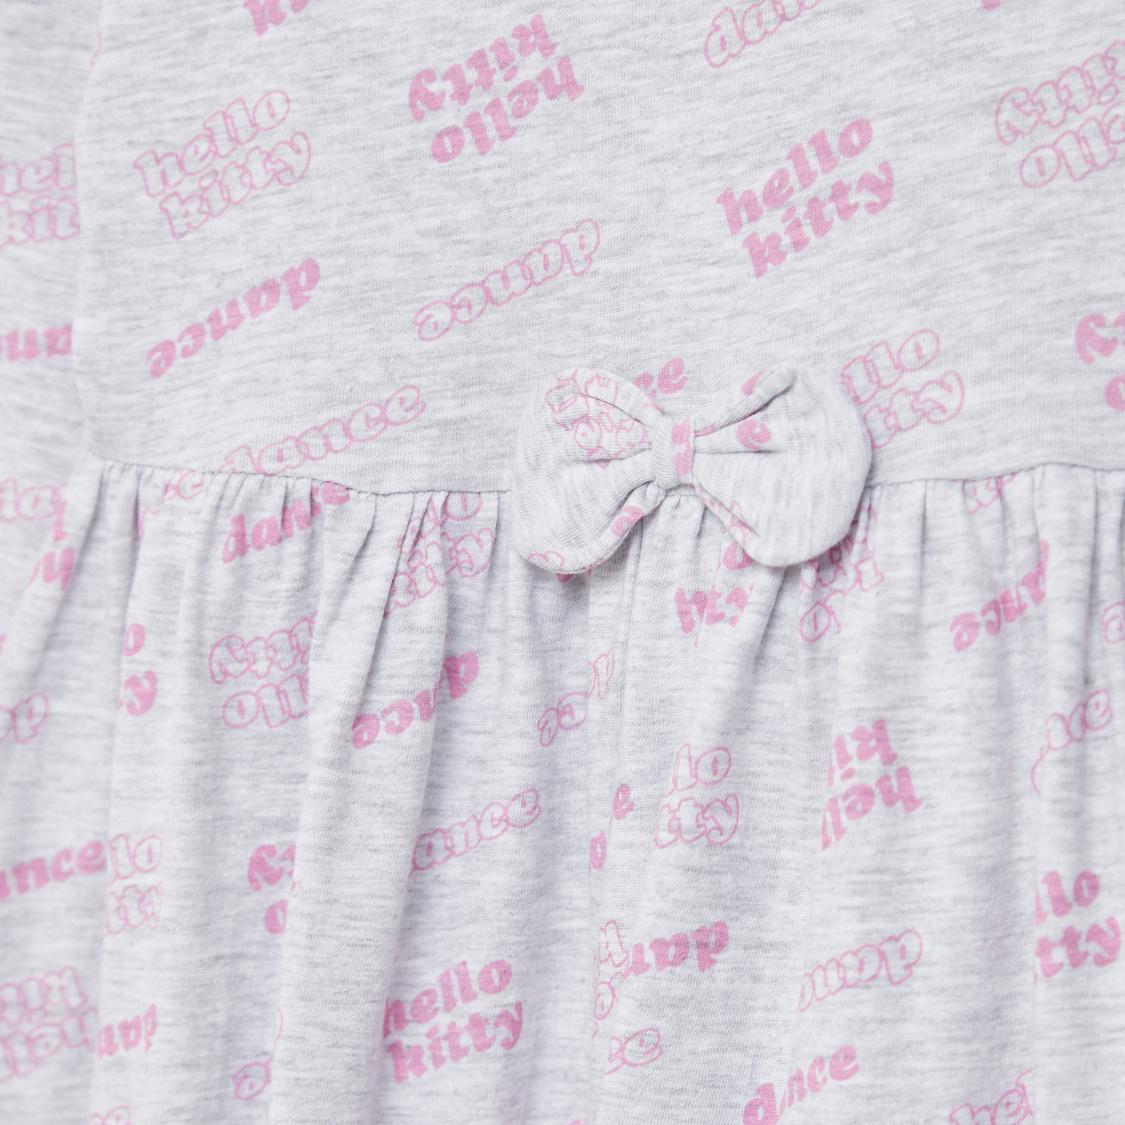 فستان قصير بأكمام طويلة وفيونكة وطبعات هالو كيتي